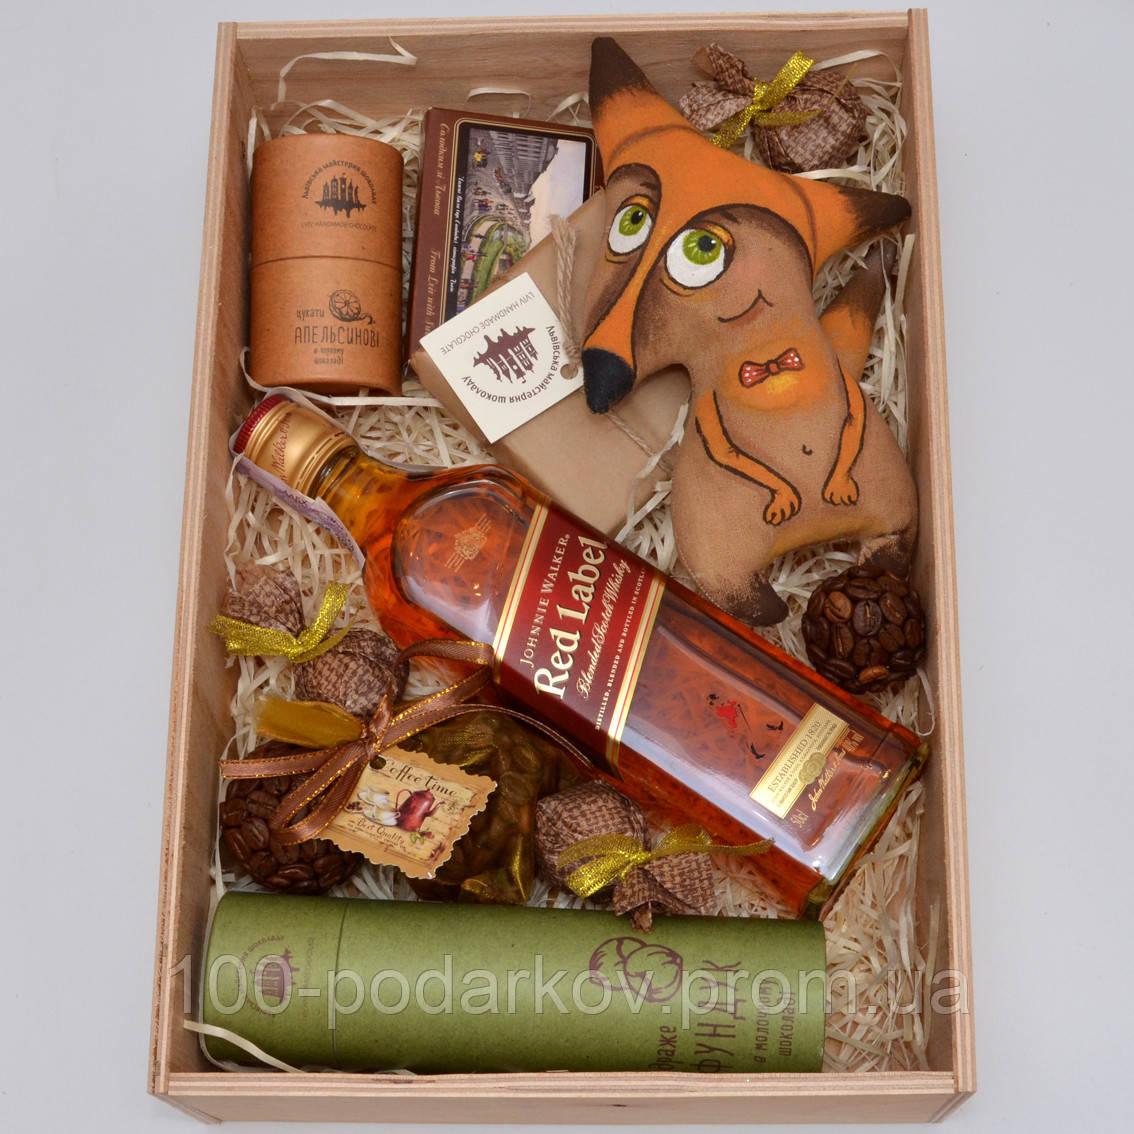 62dfa07dead8 Подарочный набор для мужчины (виски, шоколад, игрушка, кофе). Оригинальный  подарок